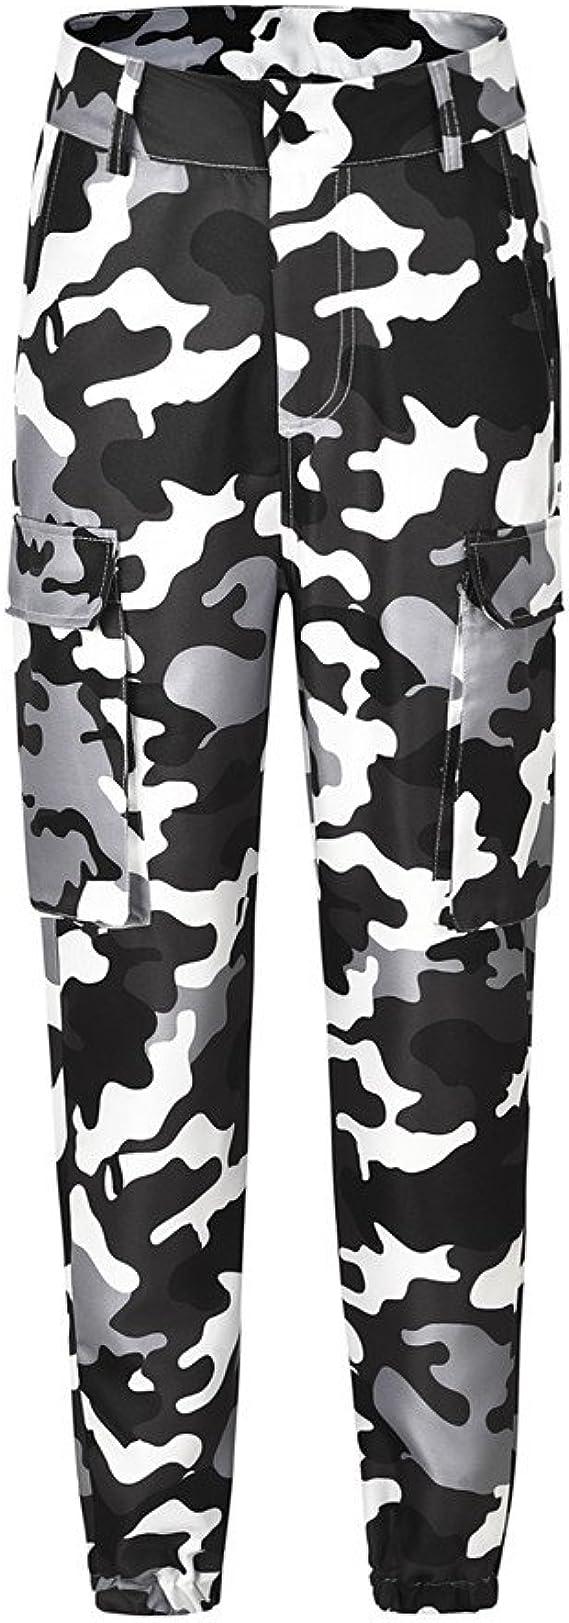 Pantalones Militares Mujer Cintura Alta Pantalon De Camuflaje De Chandal Hip Hop Punk Rock Casuales Tumblr Streetwear Sin Cinturon Moda 2019 Yvelands Amazon Es Ropa Y Accesorios